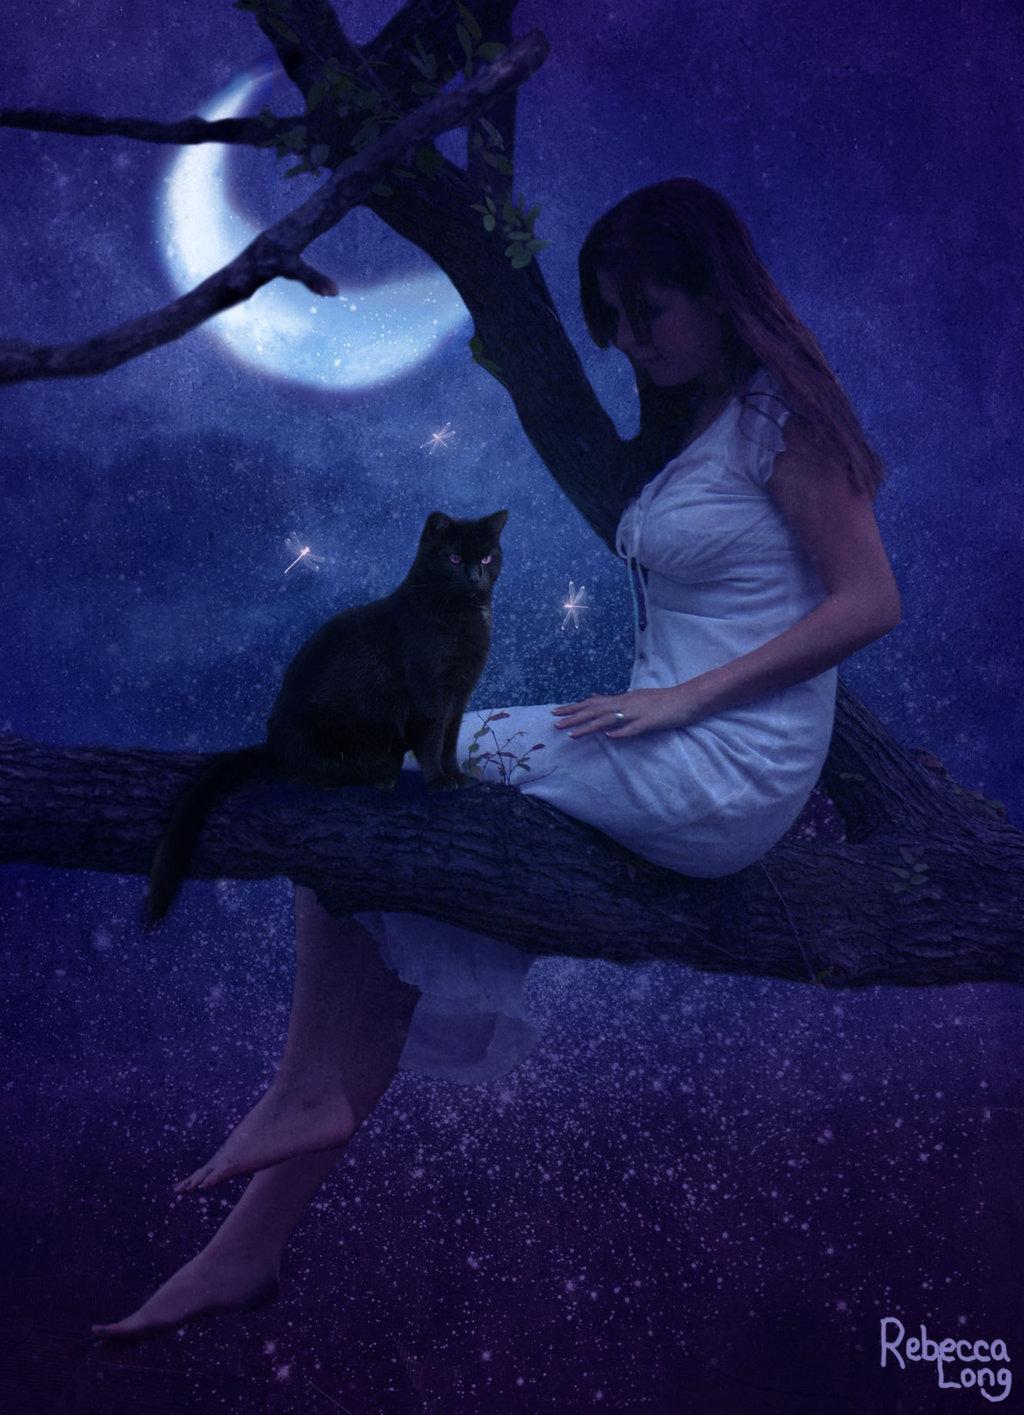 жизни, ведьма с кошкой фото качестве